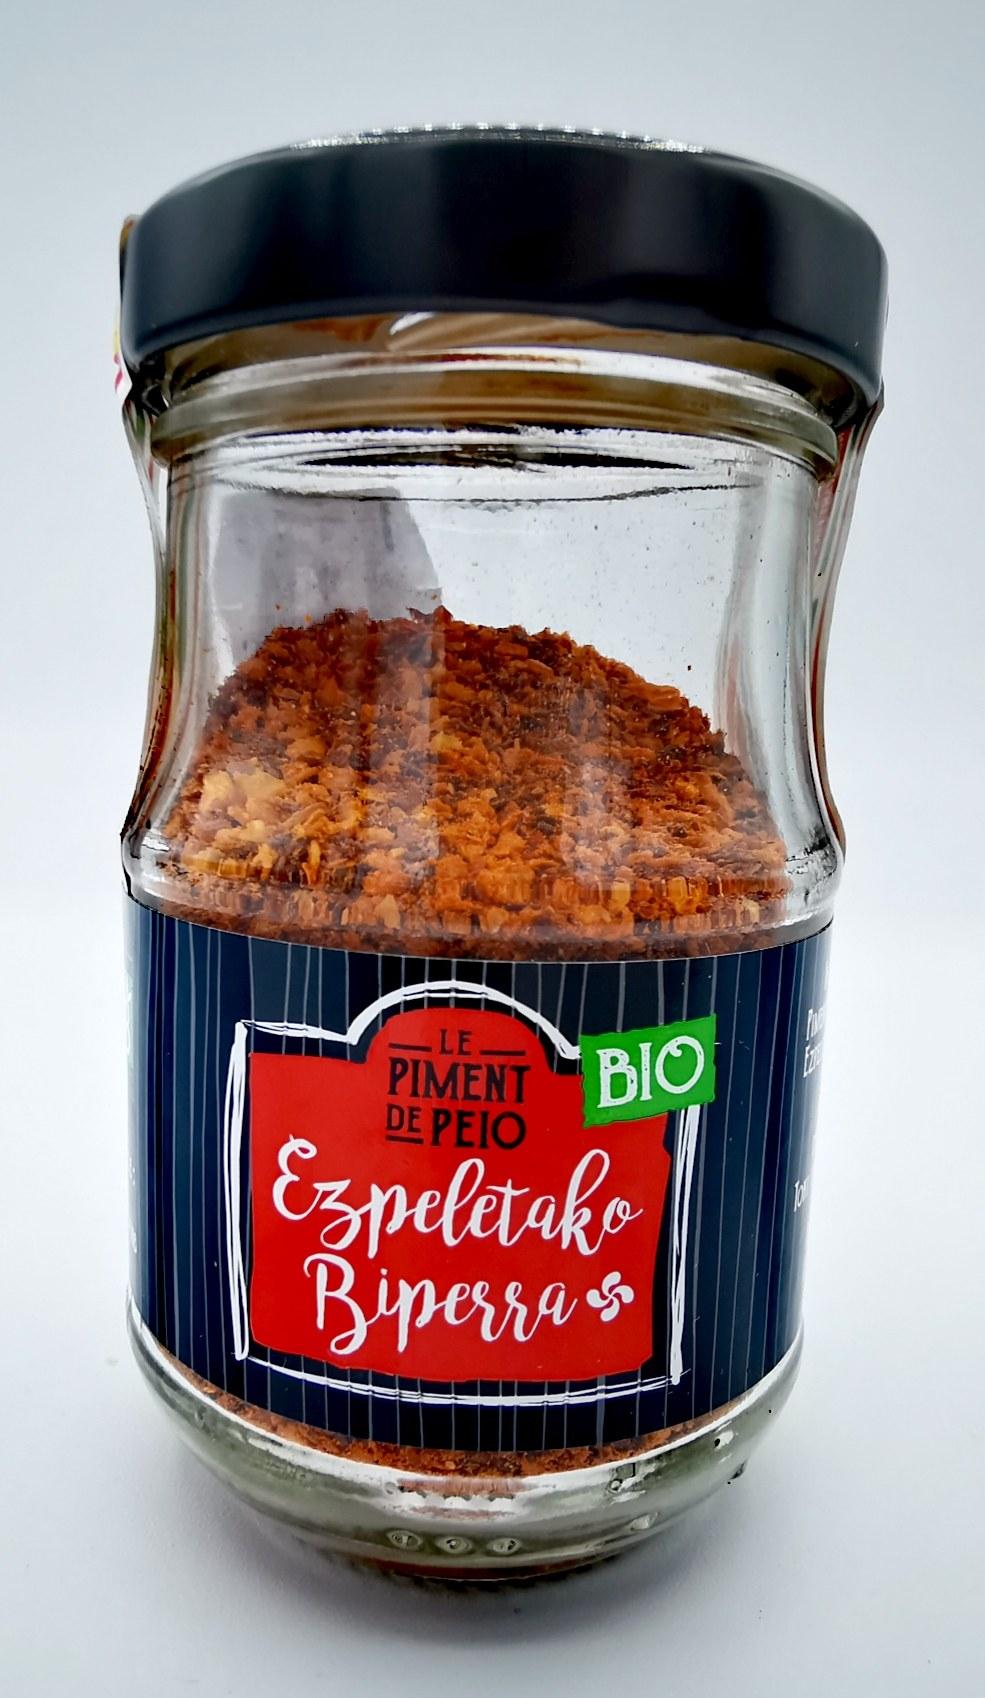 Piment d'Espelette - Le Piment de Peio - AOP - vallée d'aspe - local - condiment